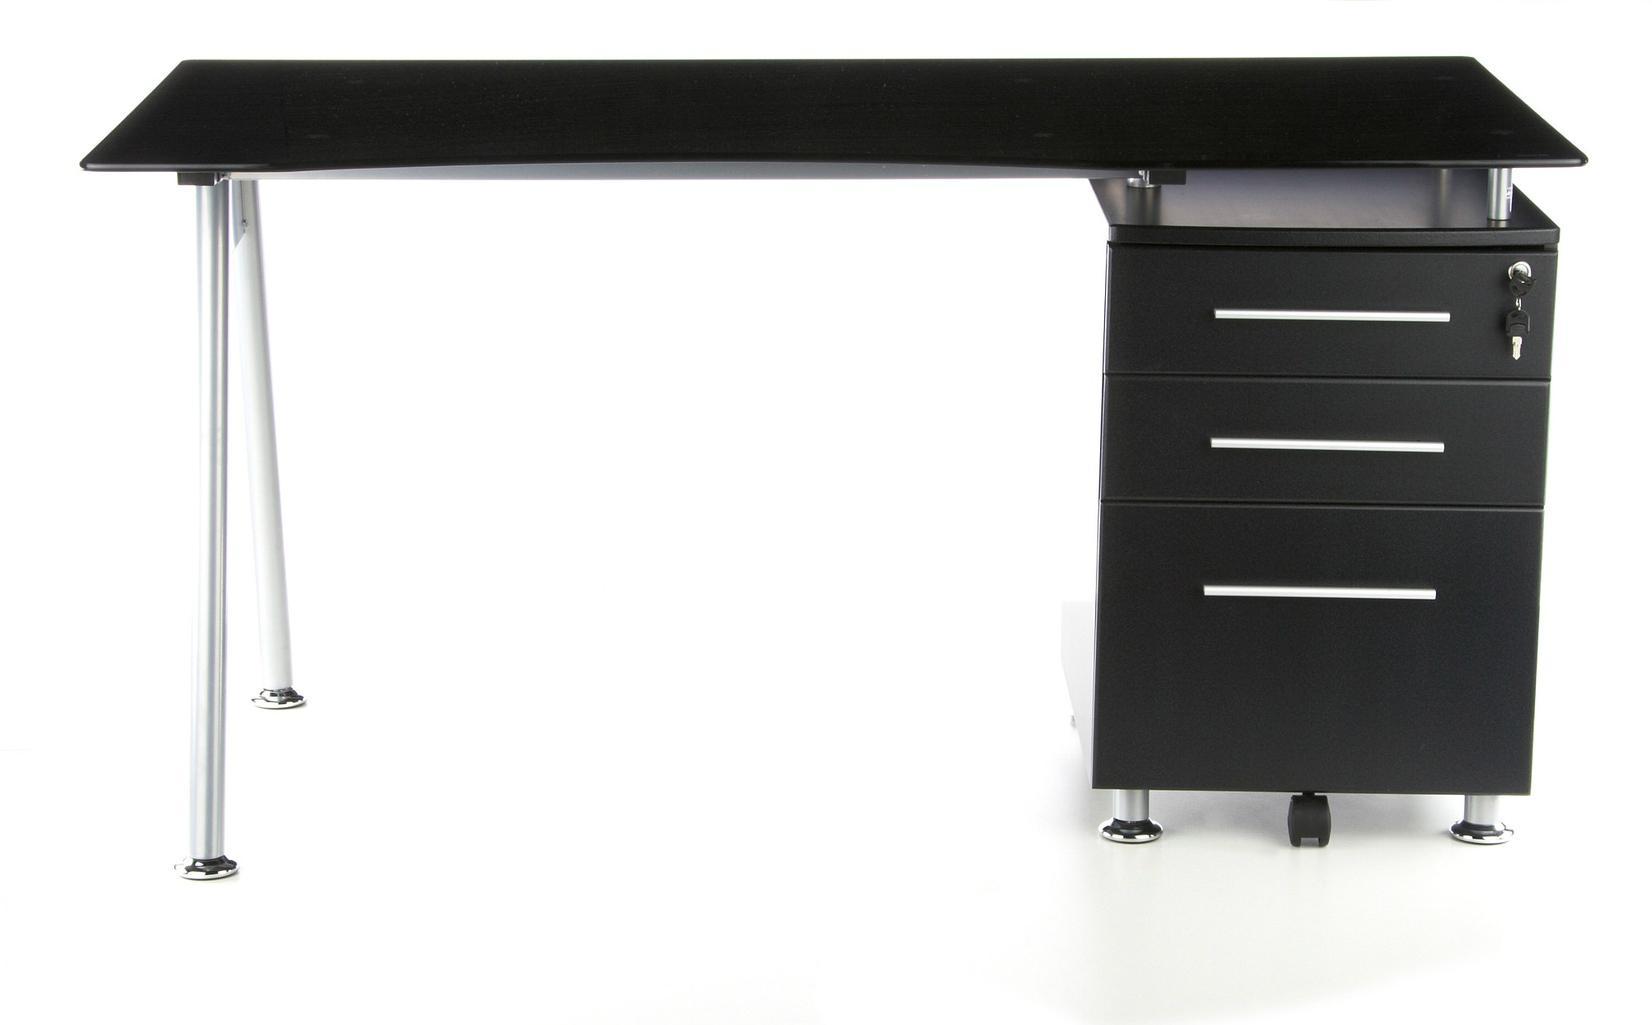 Scrivania Ufficio Cristallo : Scrivania per computer nero in cristallo nero temperato con